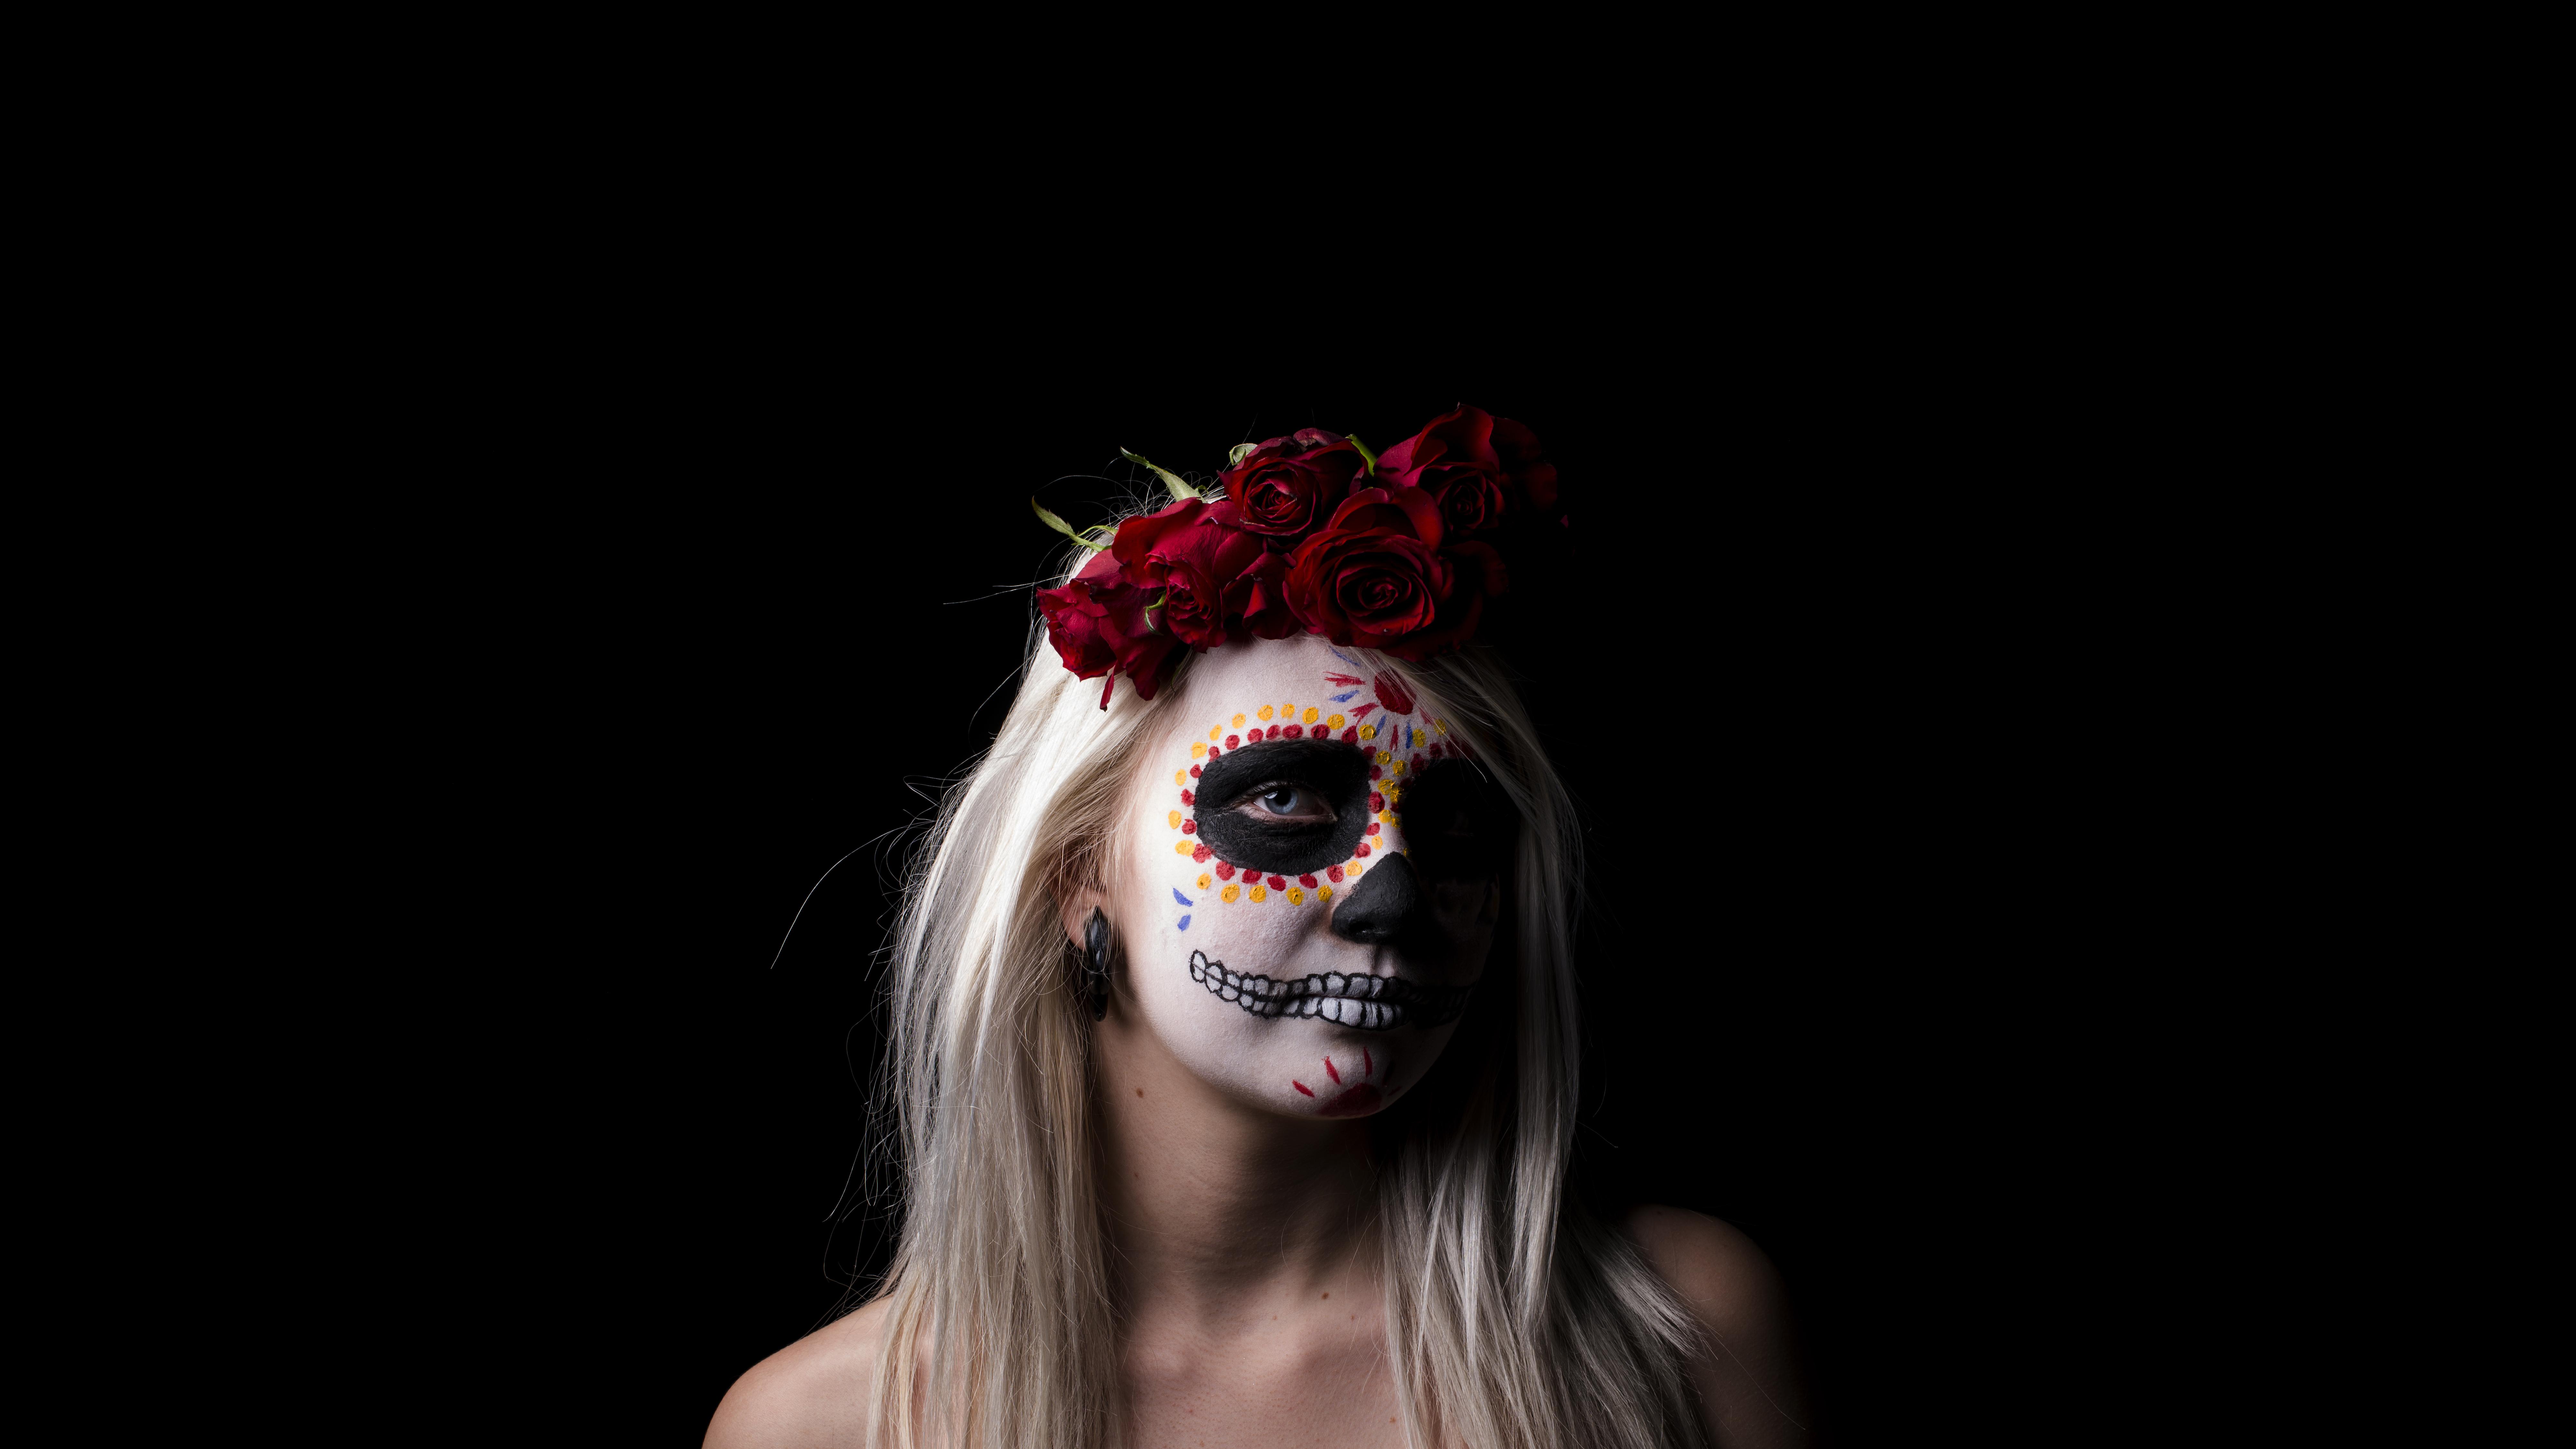 Sugar skull 8k ultra hd wallpaper background image 8000x4500 id 515051 wallpaper abyss - Sugar skull background ...